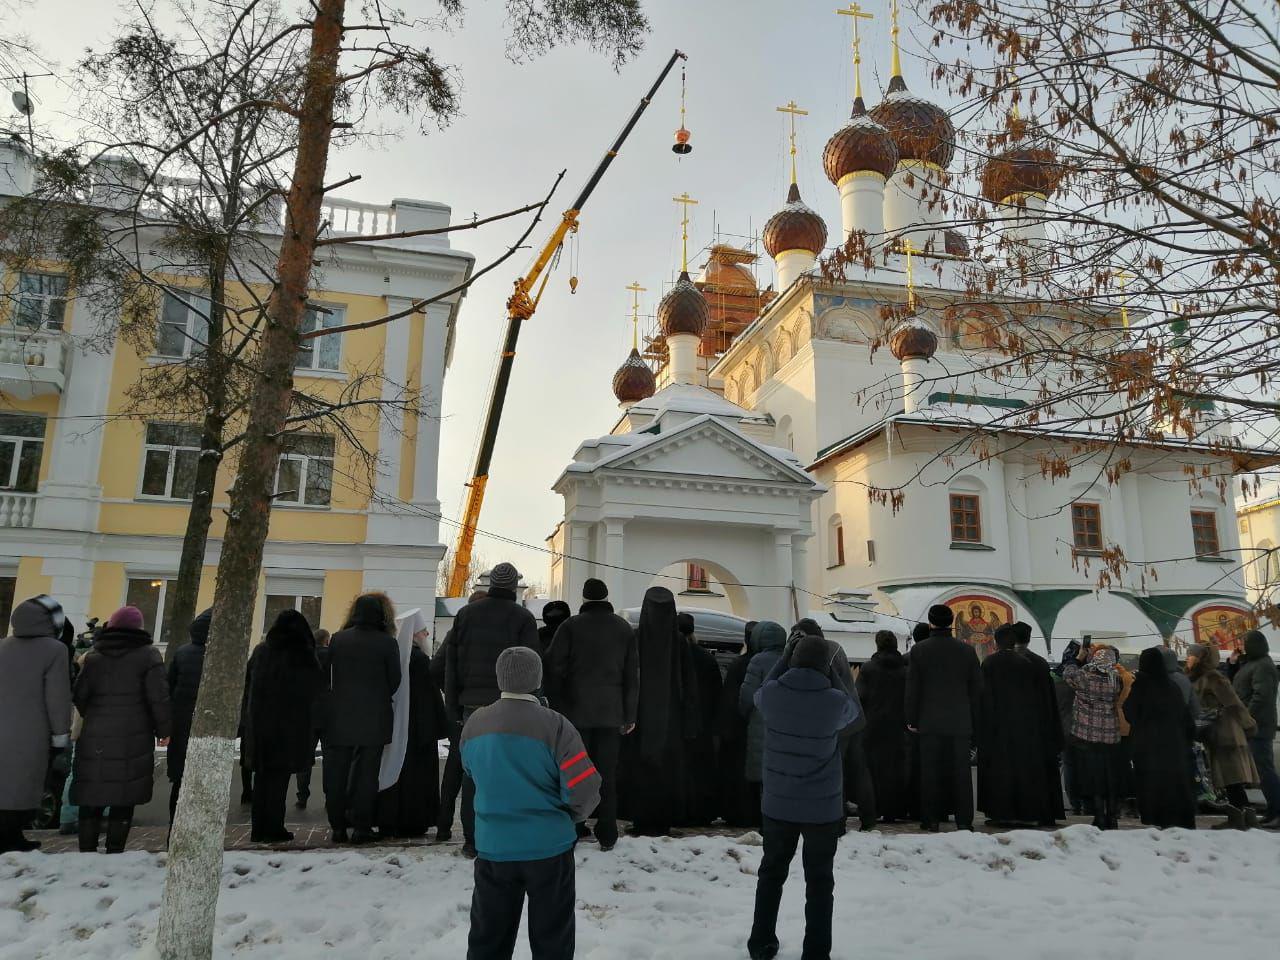 ВИДЕО: На колокольню Кирилло-Афанасьевского монастыря подняли купол с крестом